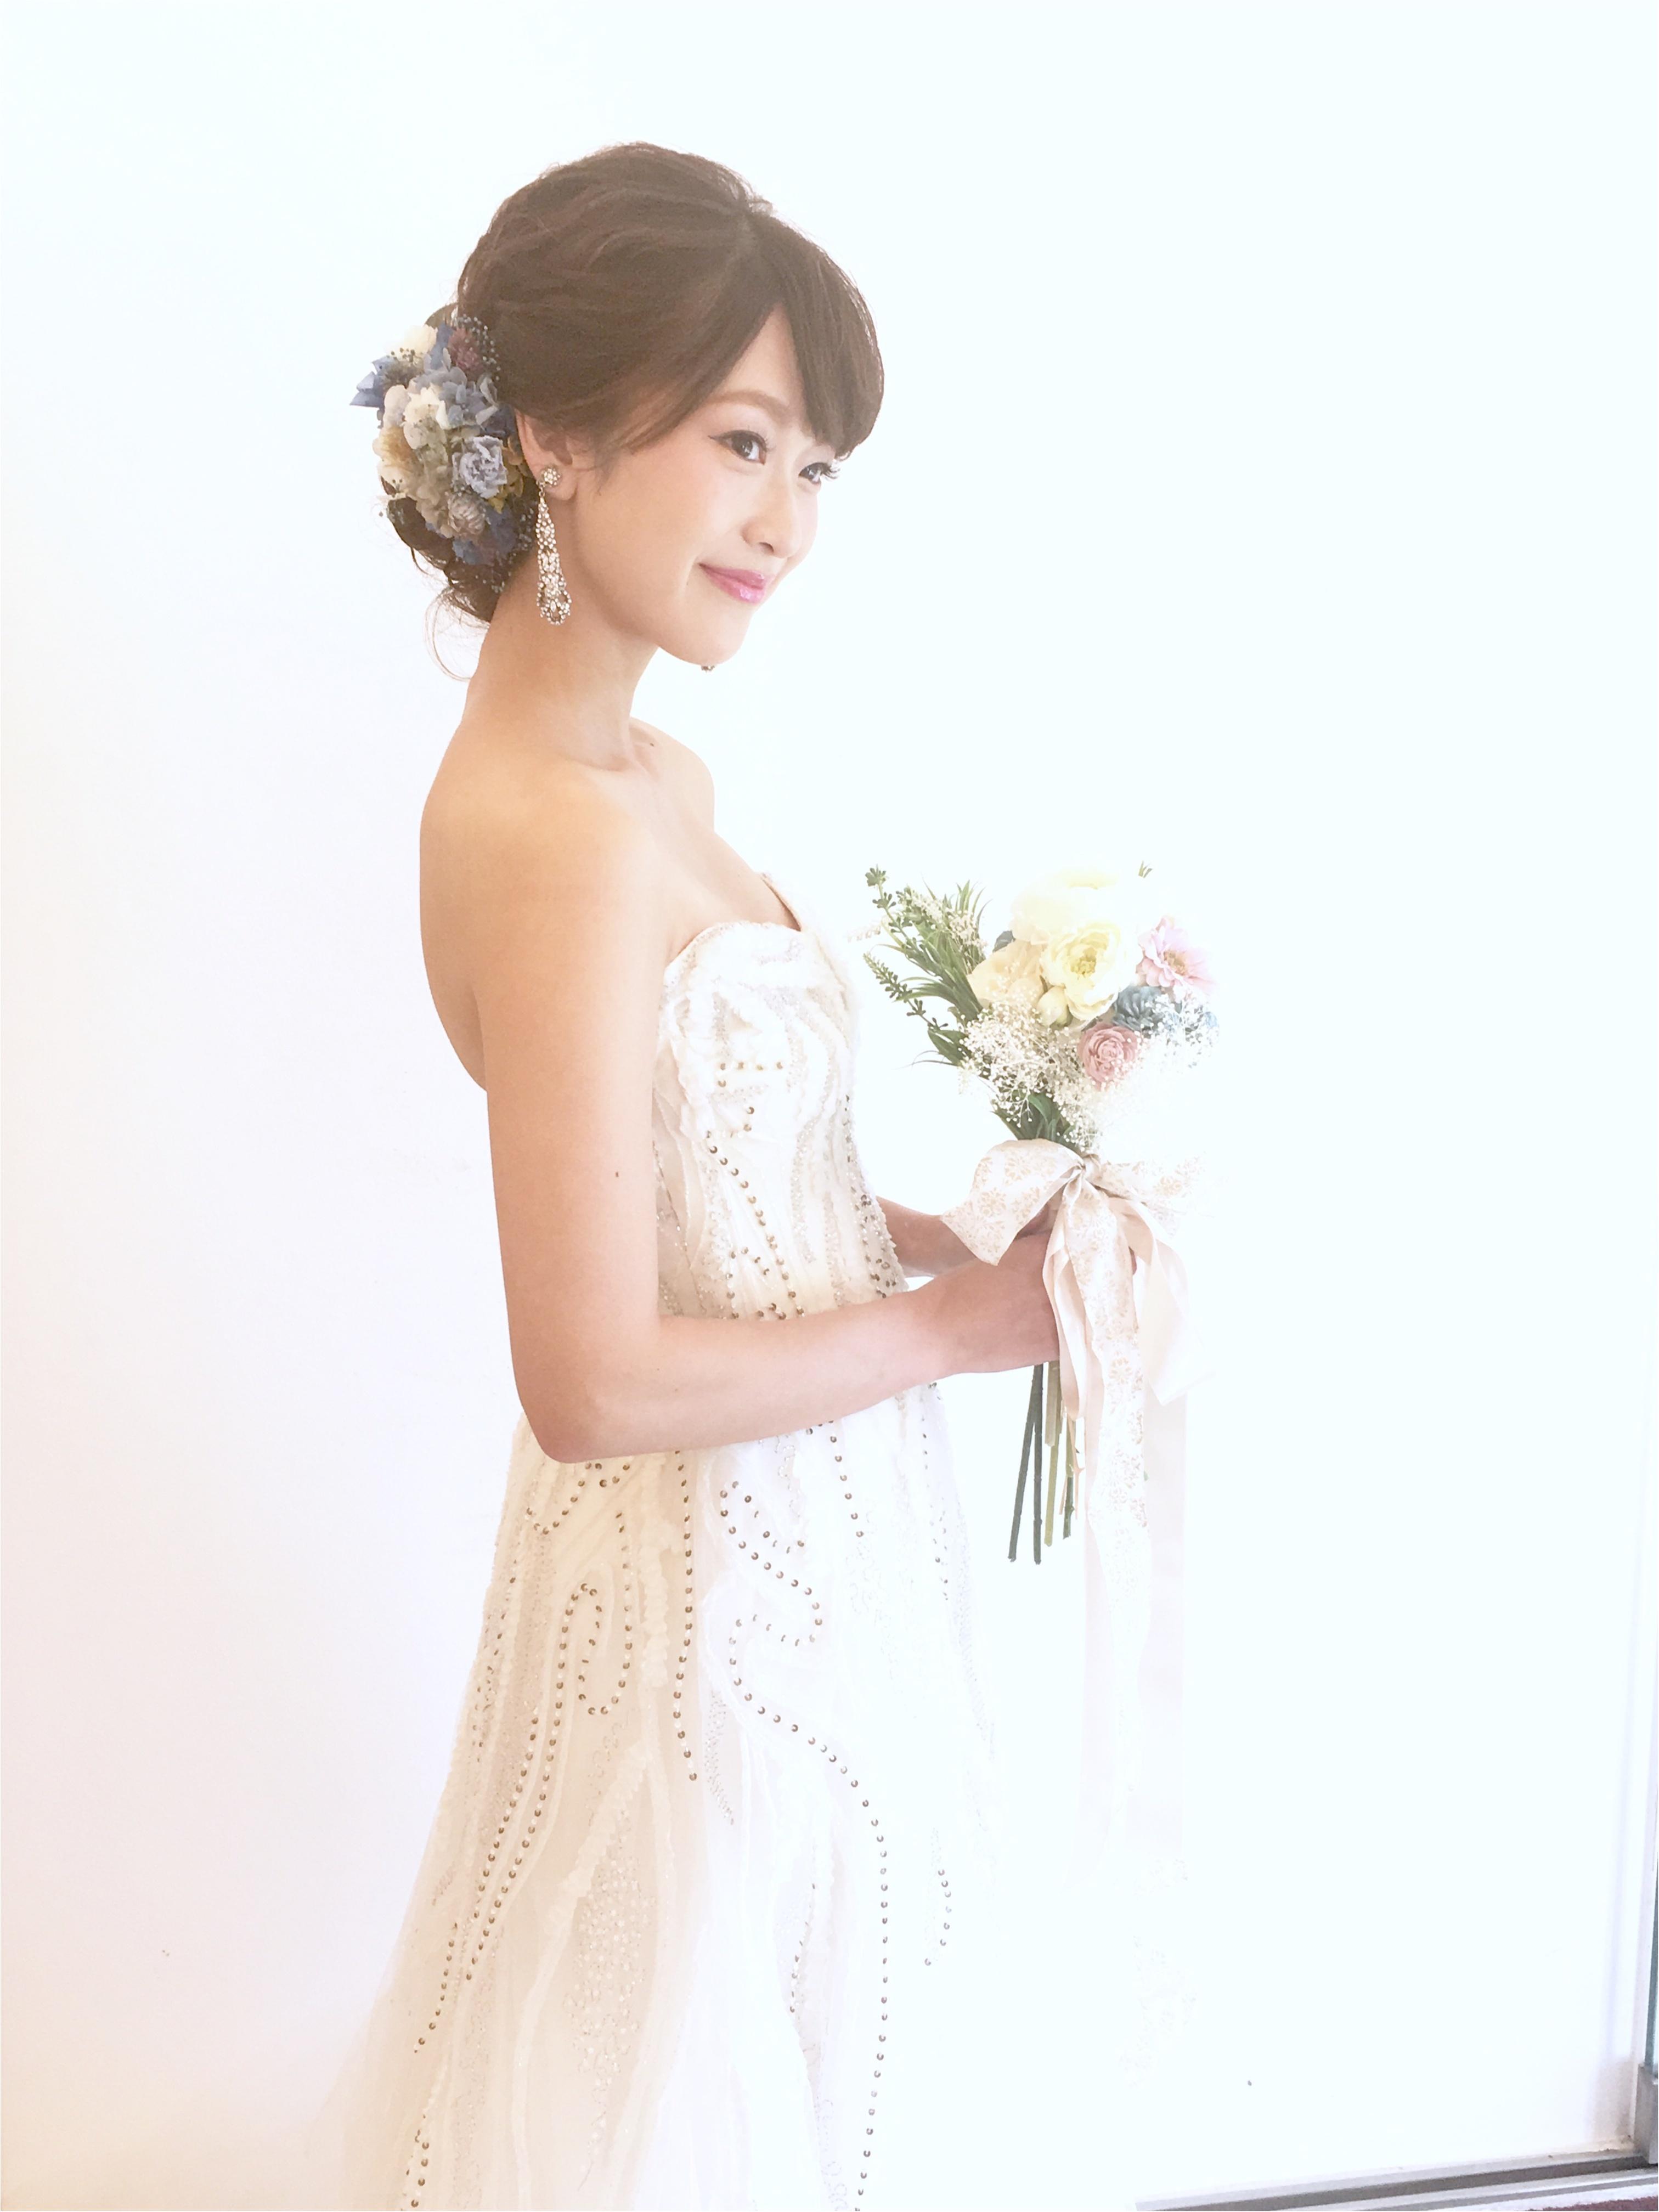 結婚式特集《ウェディングドレス編》- 20代に人気の種類やブランドは?_8